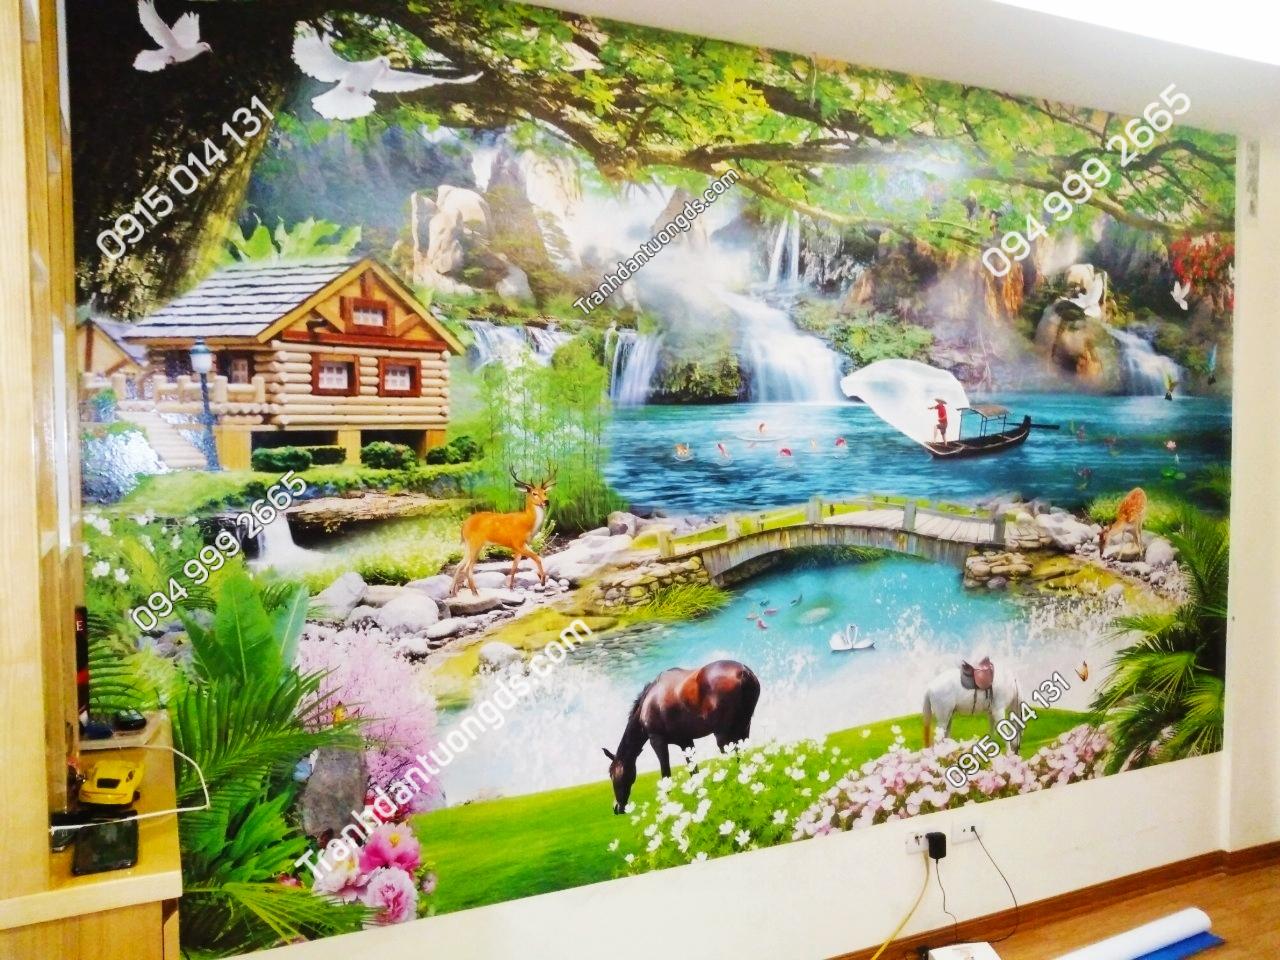 Tranh dán tường phòng khách 5D phong cảnh